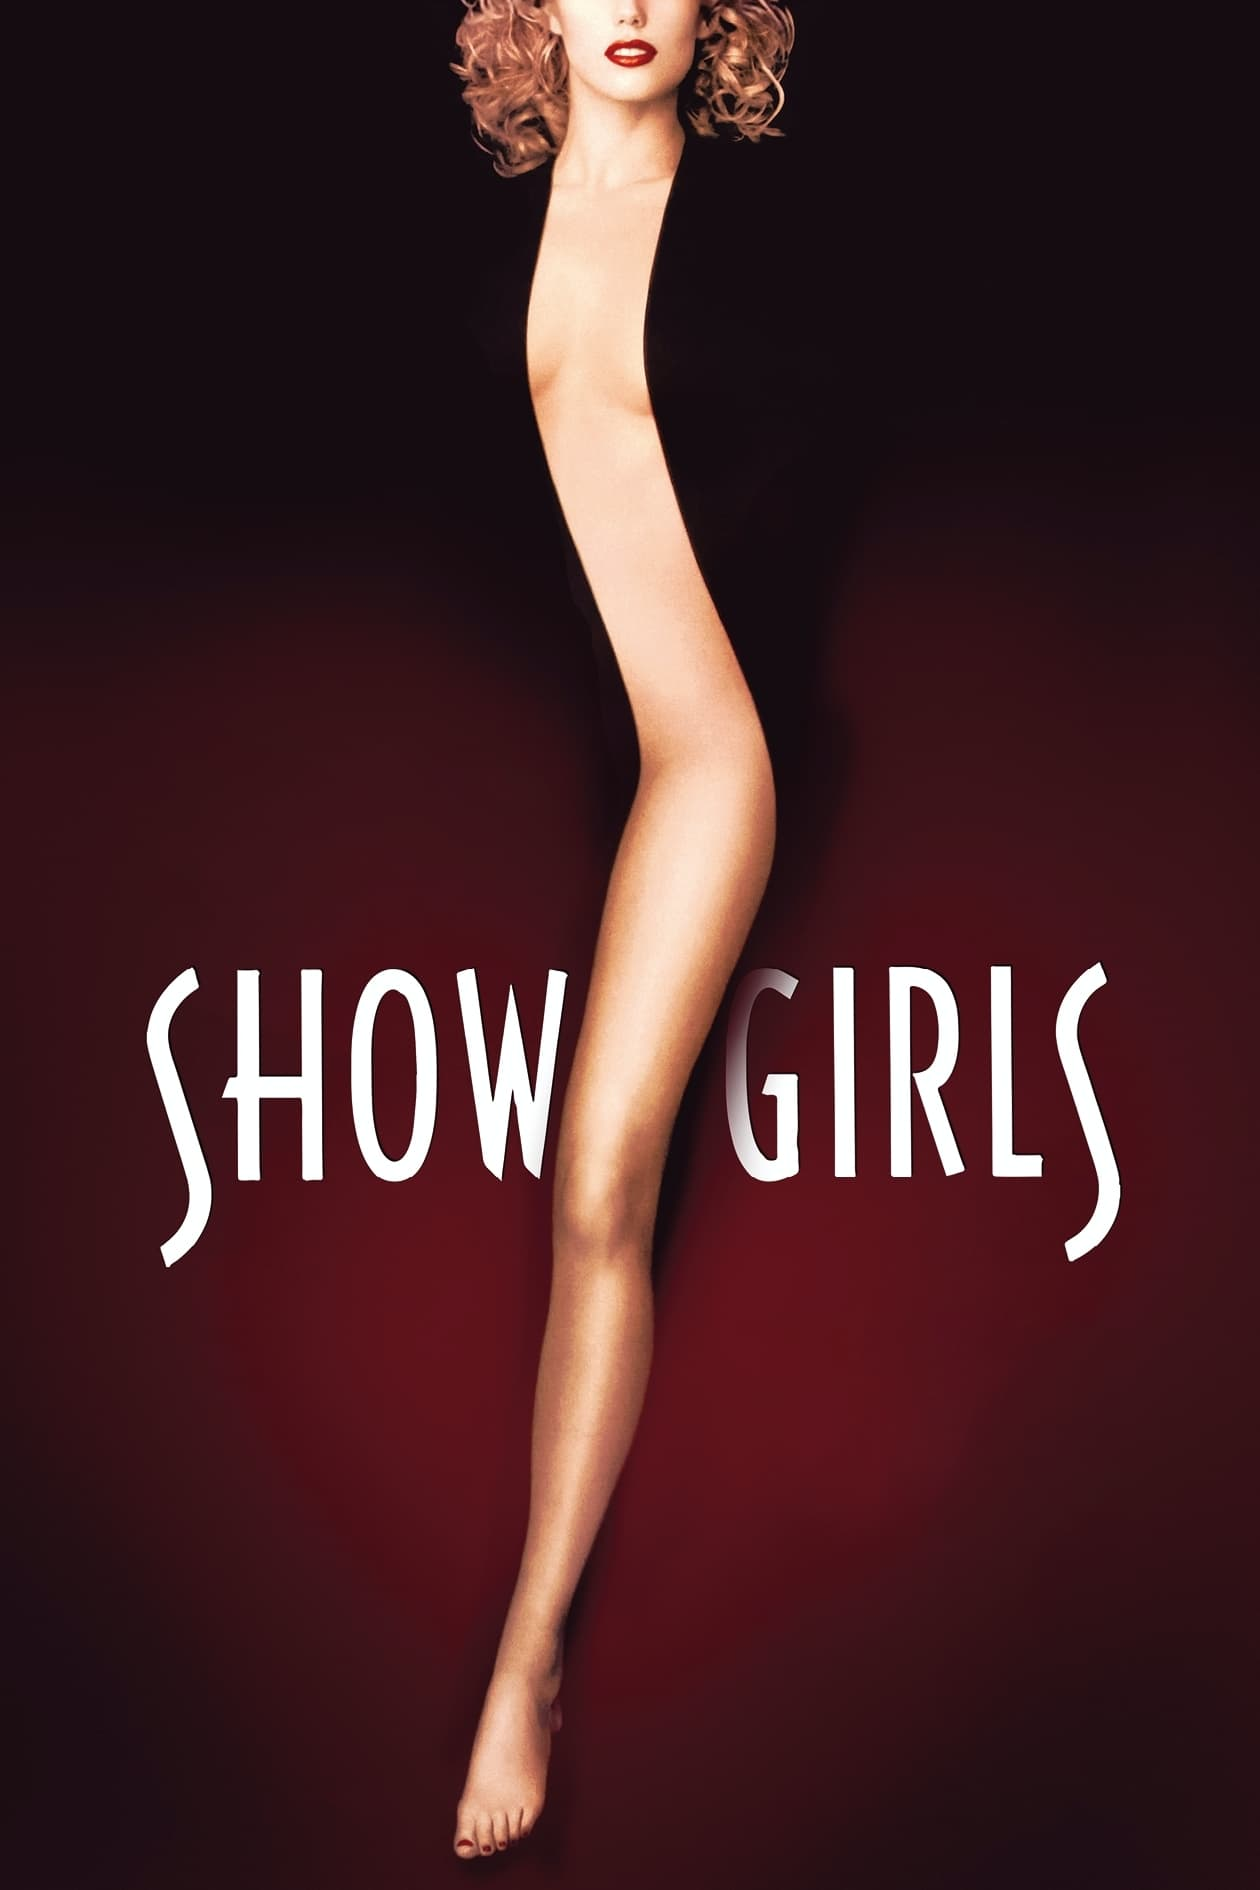 Showgirls Online Free